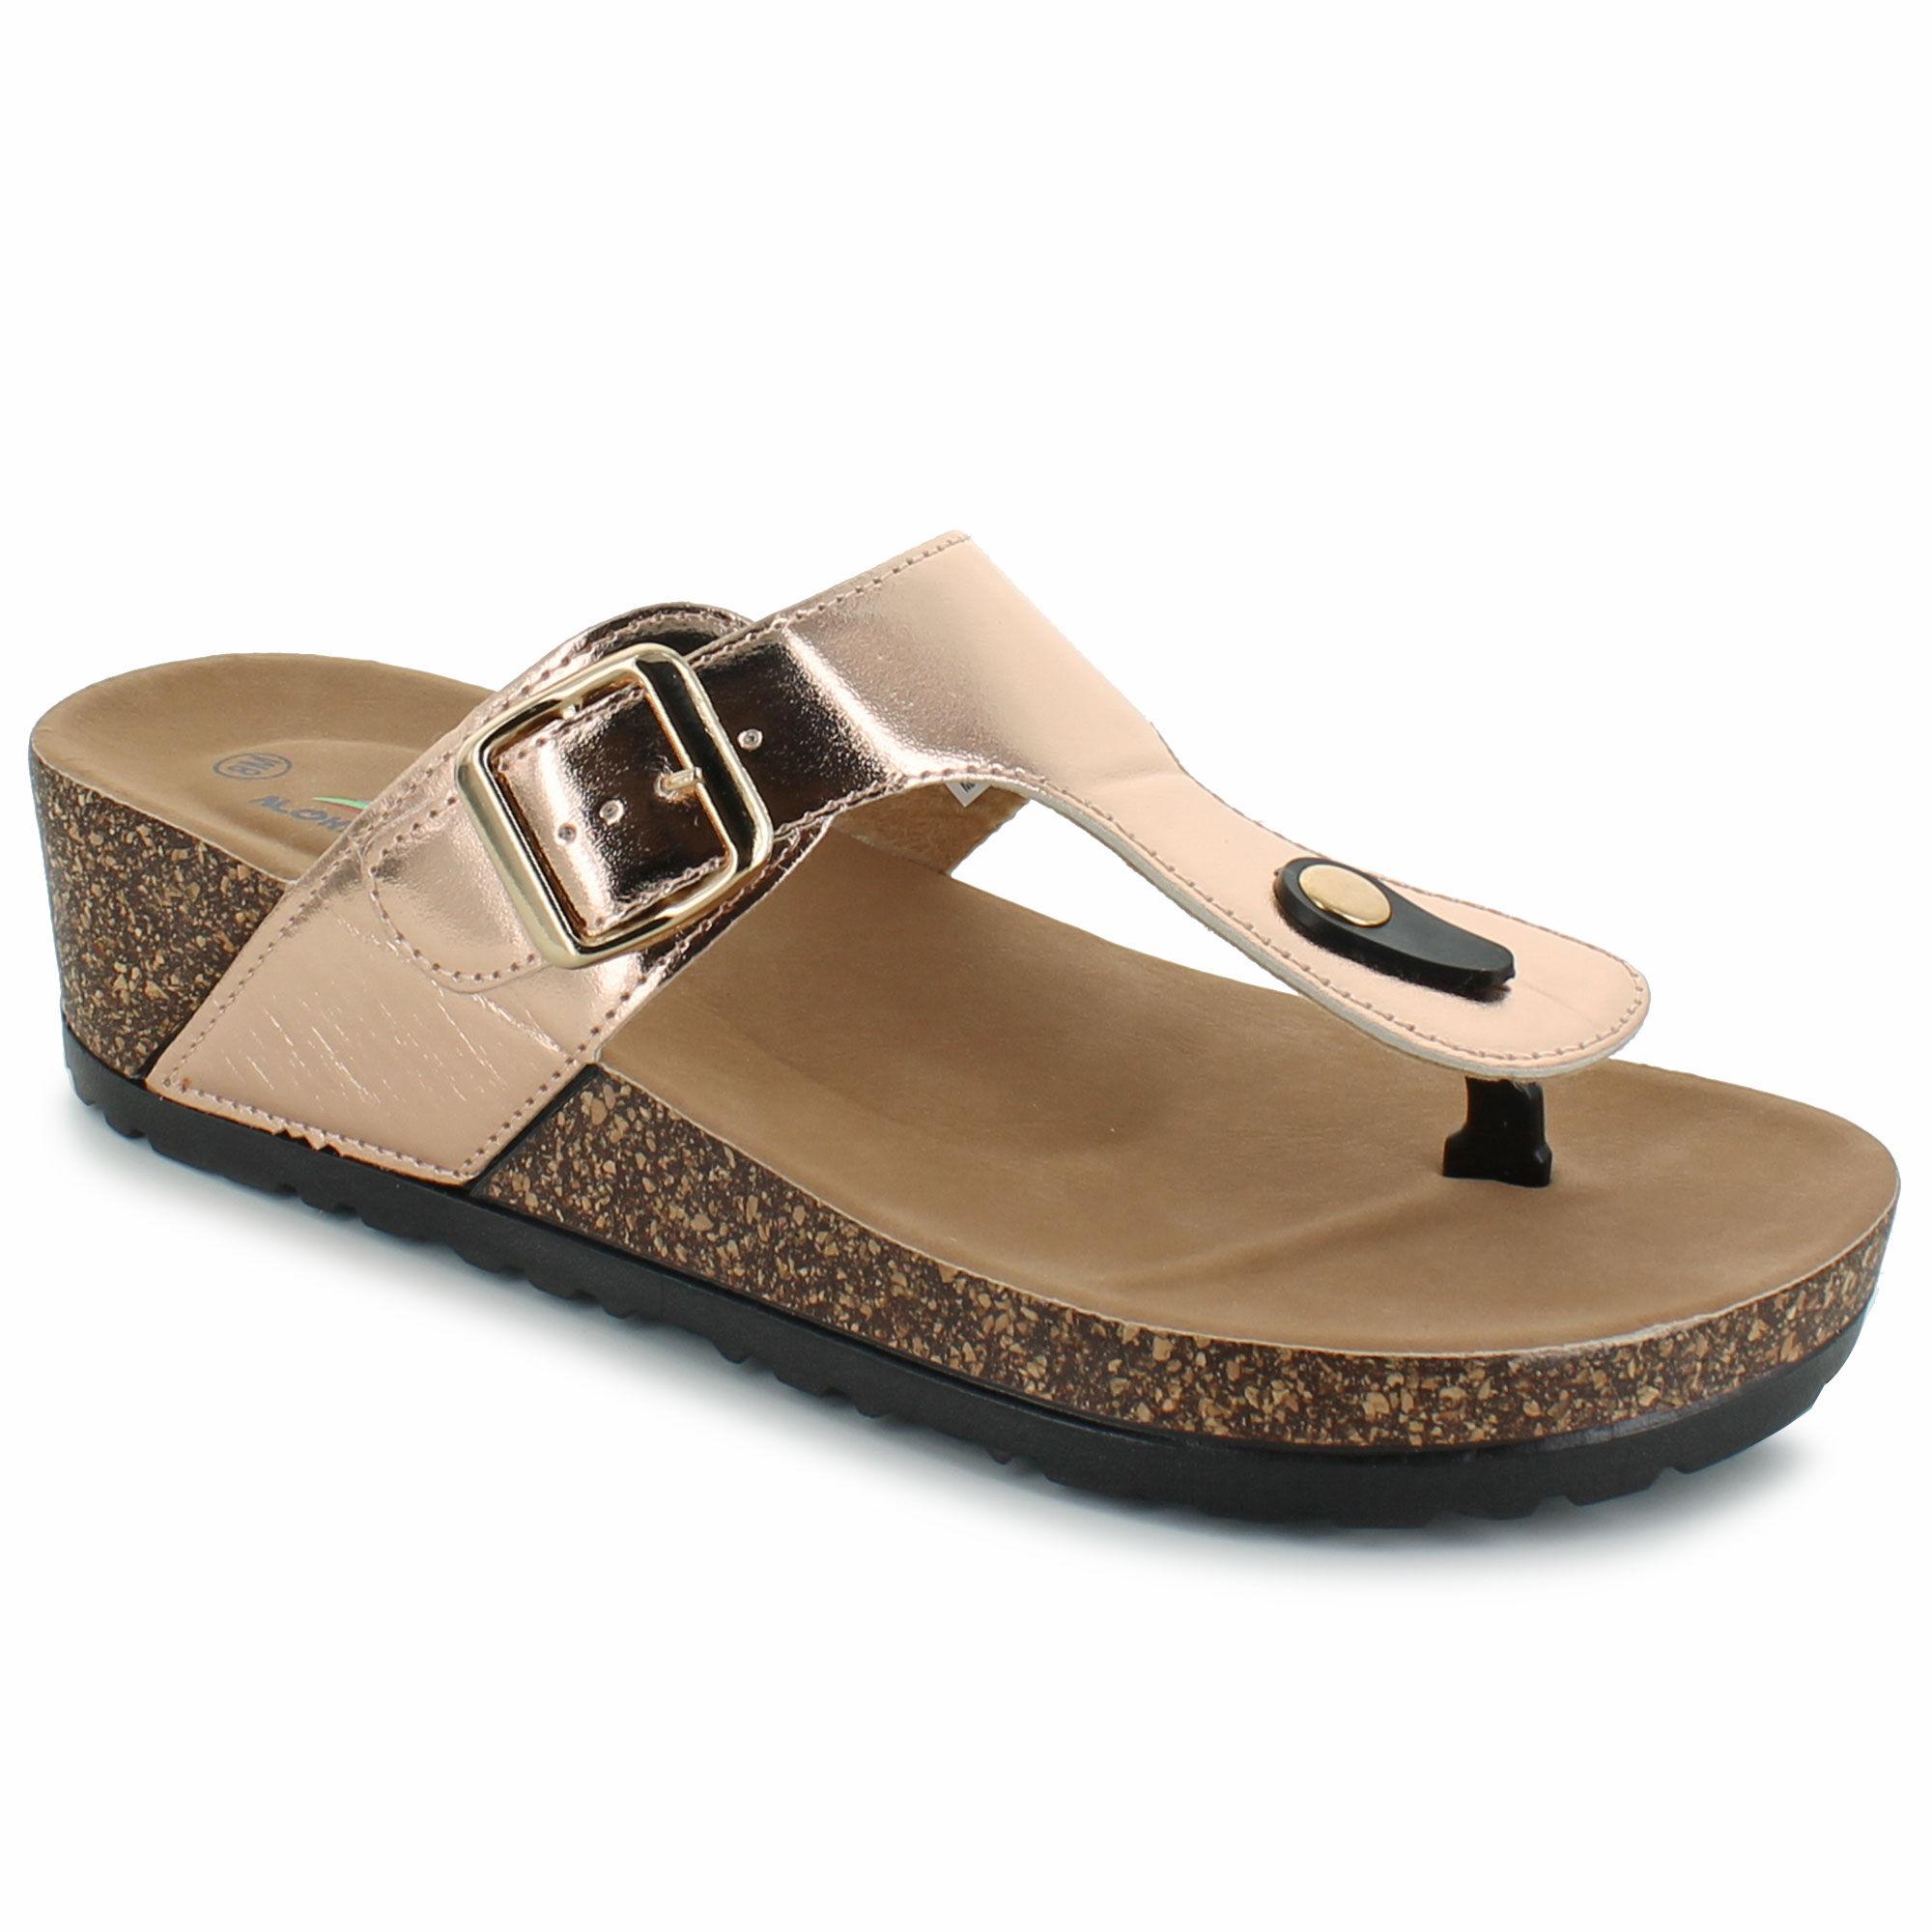 Crocs sexy flip flop shoe show